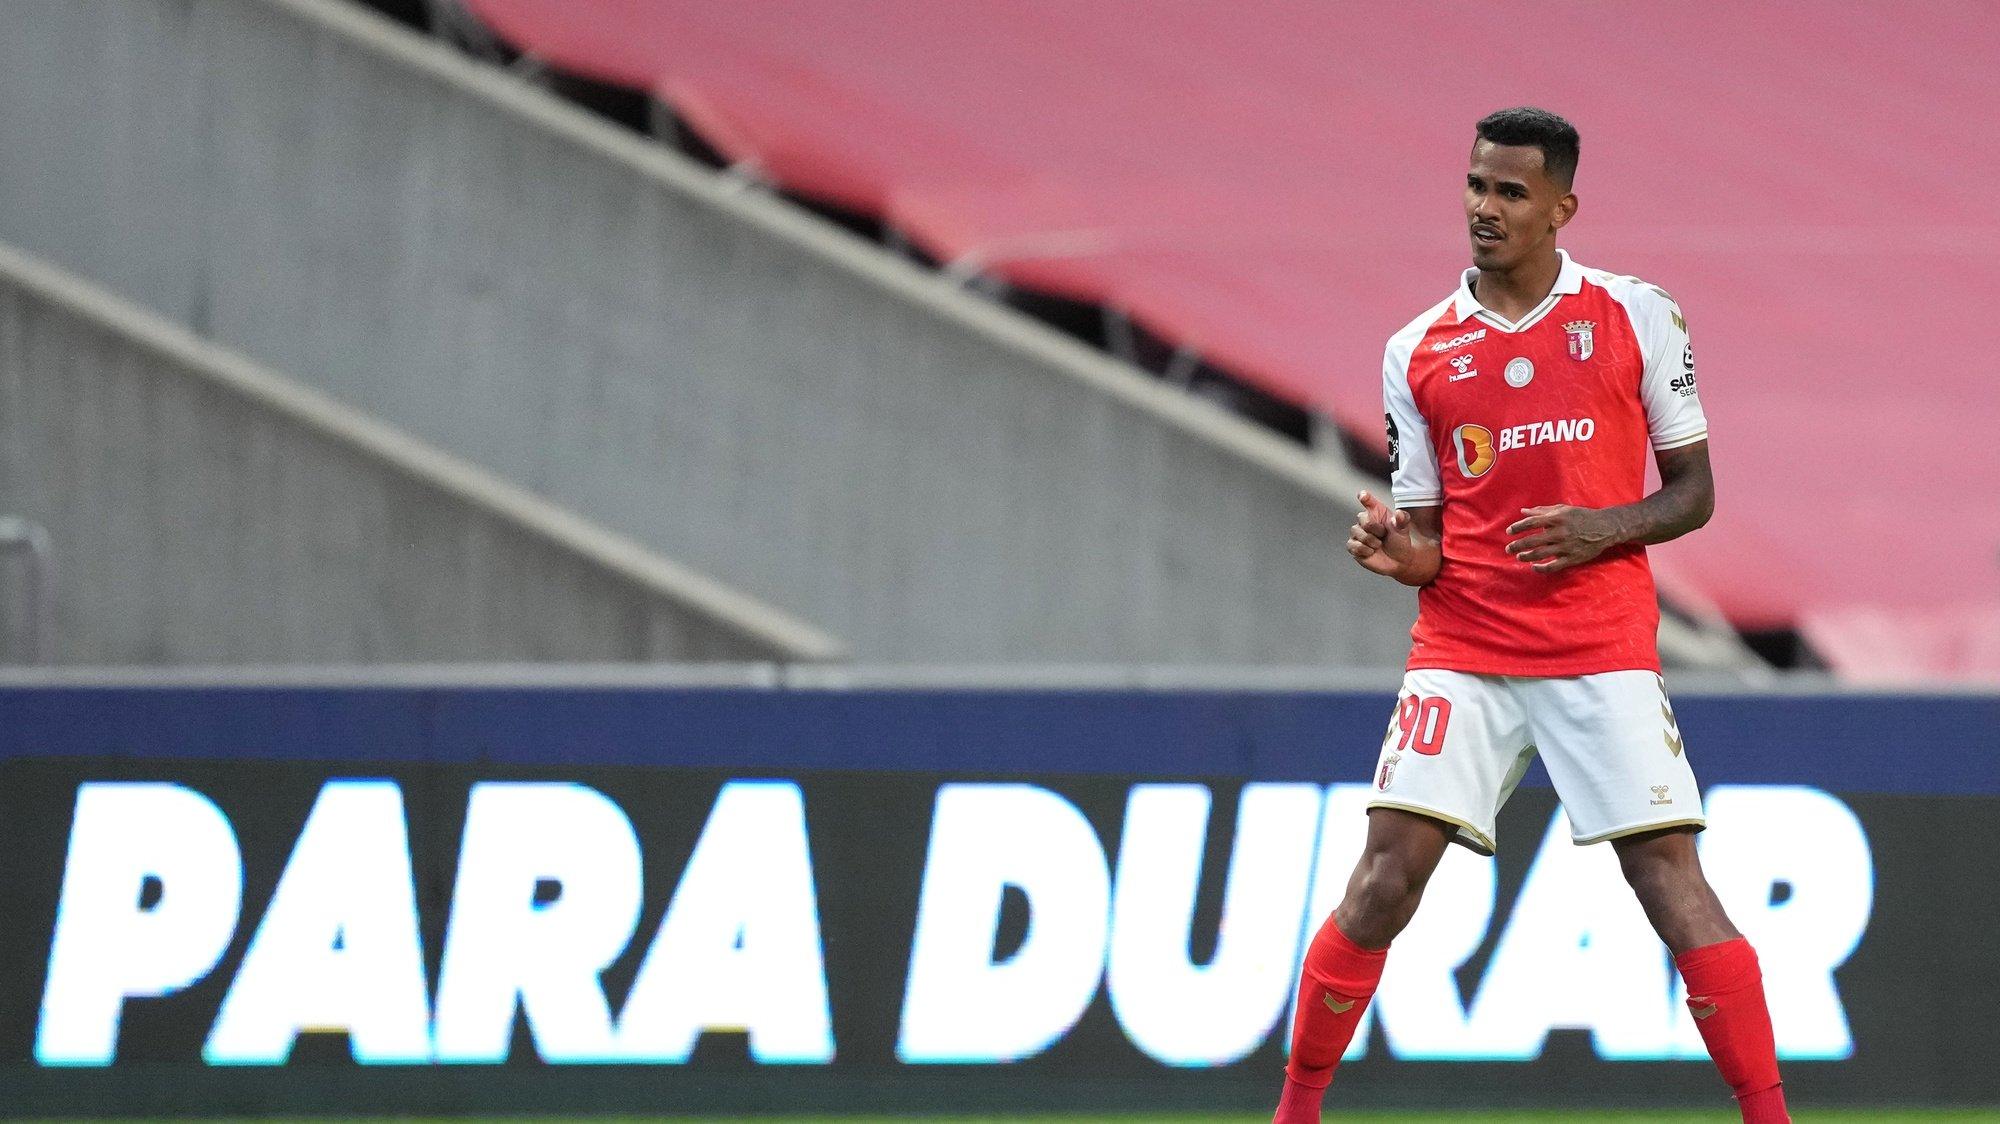 Galeno do Sporting de Braga festeja um golo contra o Paços de Ferreira durante o jogo a contar para a Primeira Liga de Futebol realizado no Estádio Municipal de Braga, 5 de maio de 2021. HUGO DELGADO/LUSA